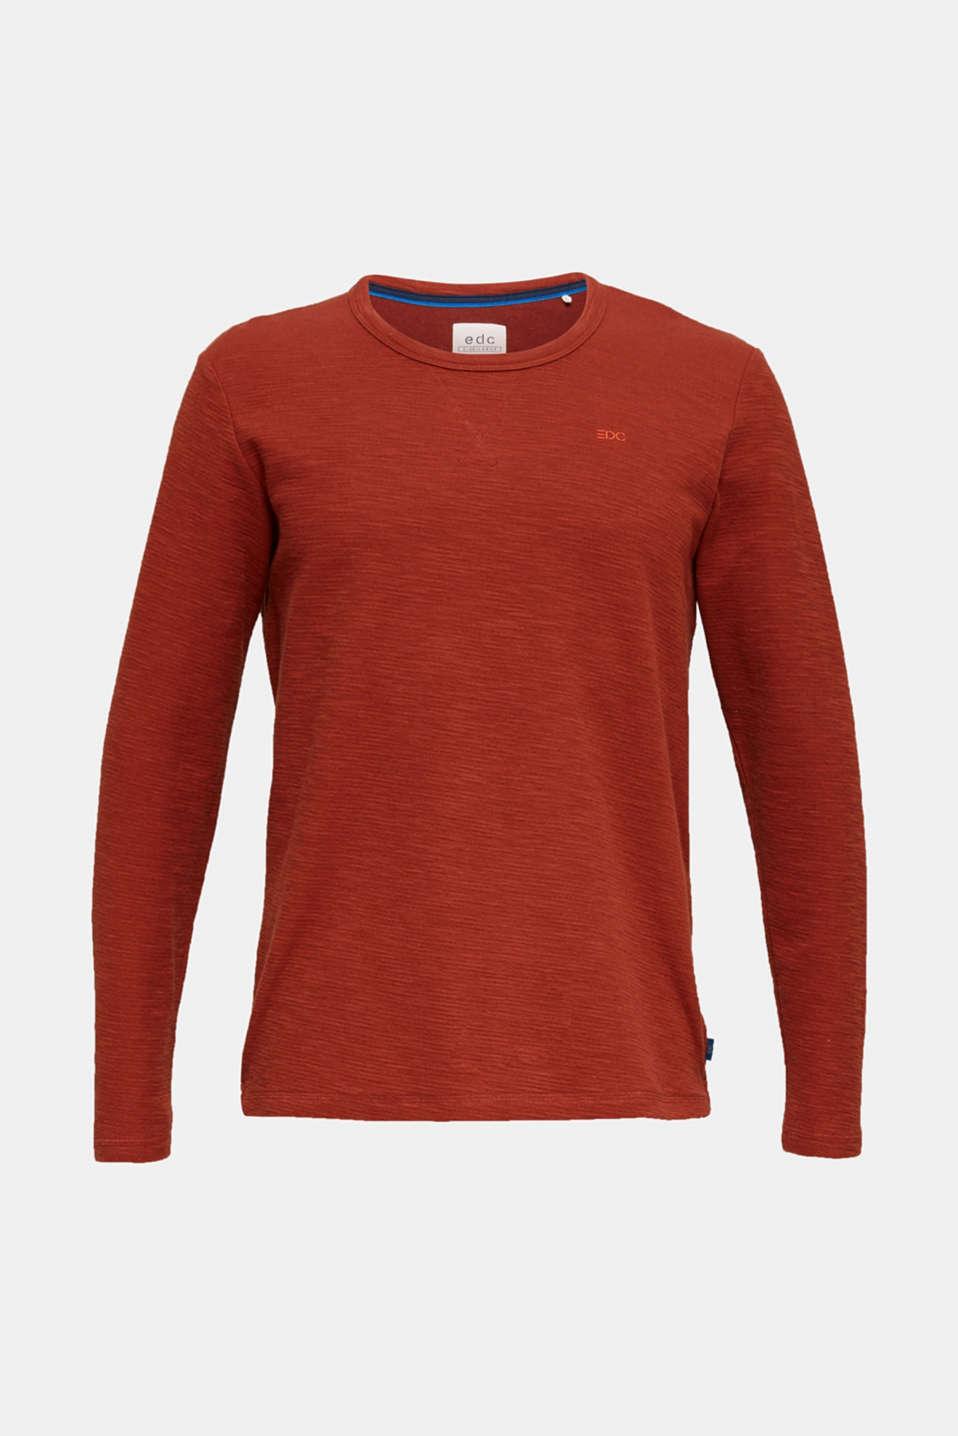 Textured cotton blend jumper, RUST ORANGE, detail image number 7